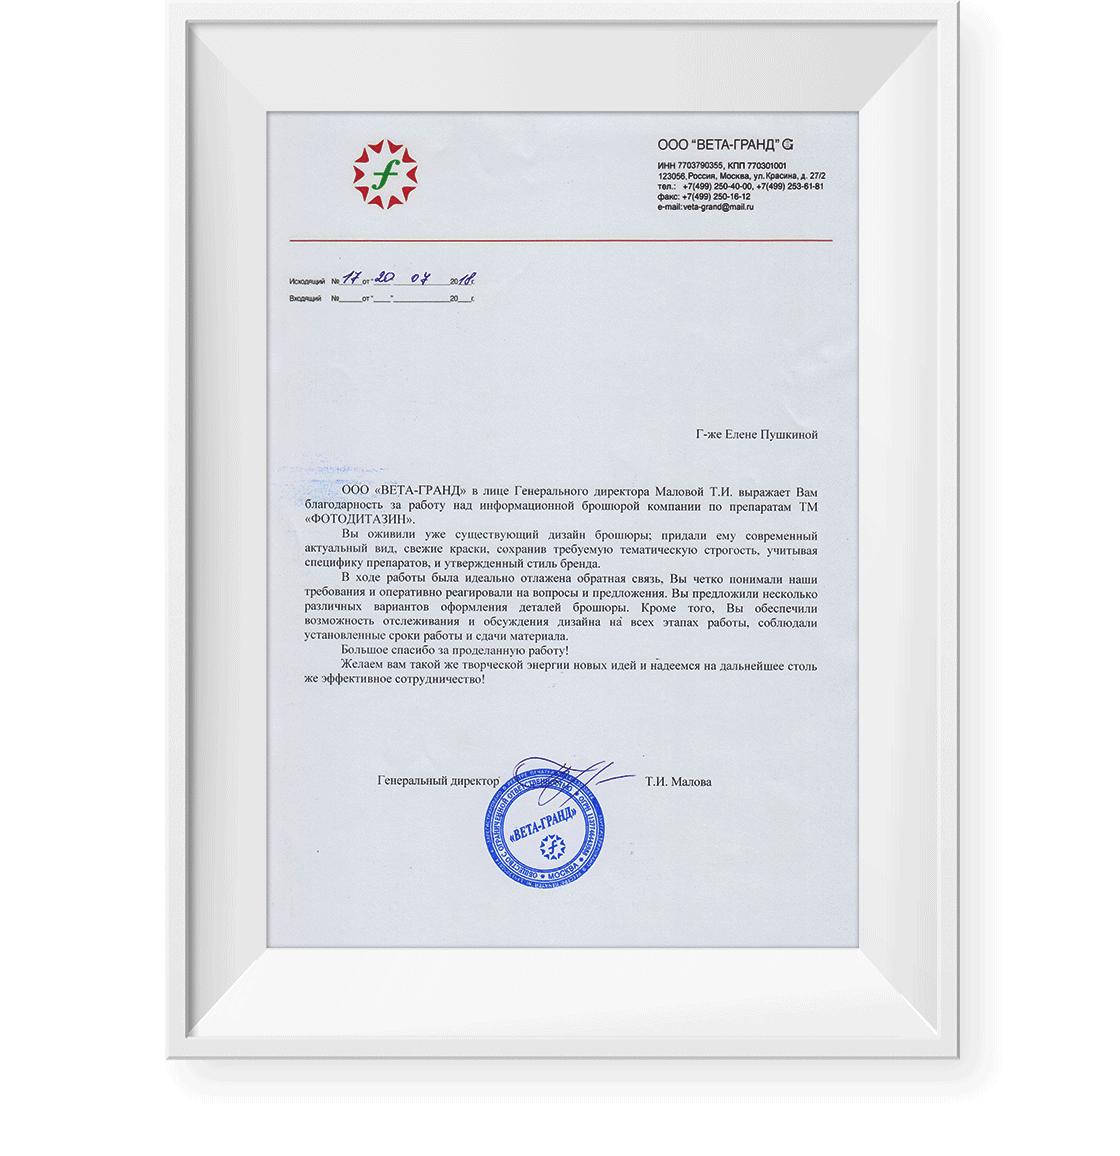 ООО «Вета-гранд» ТМ «Фотодитазин» Рекомендации